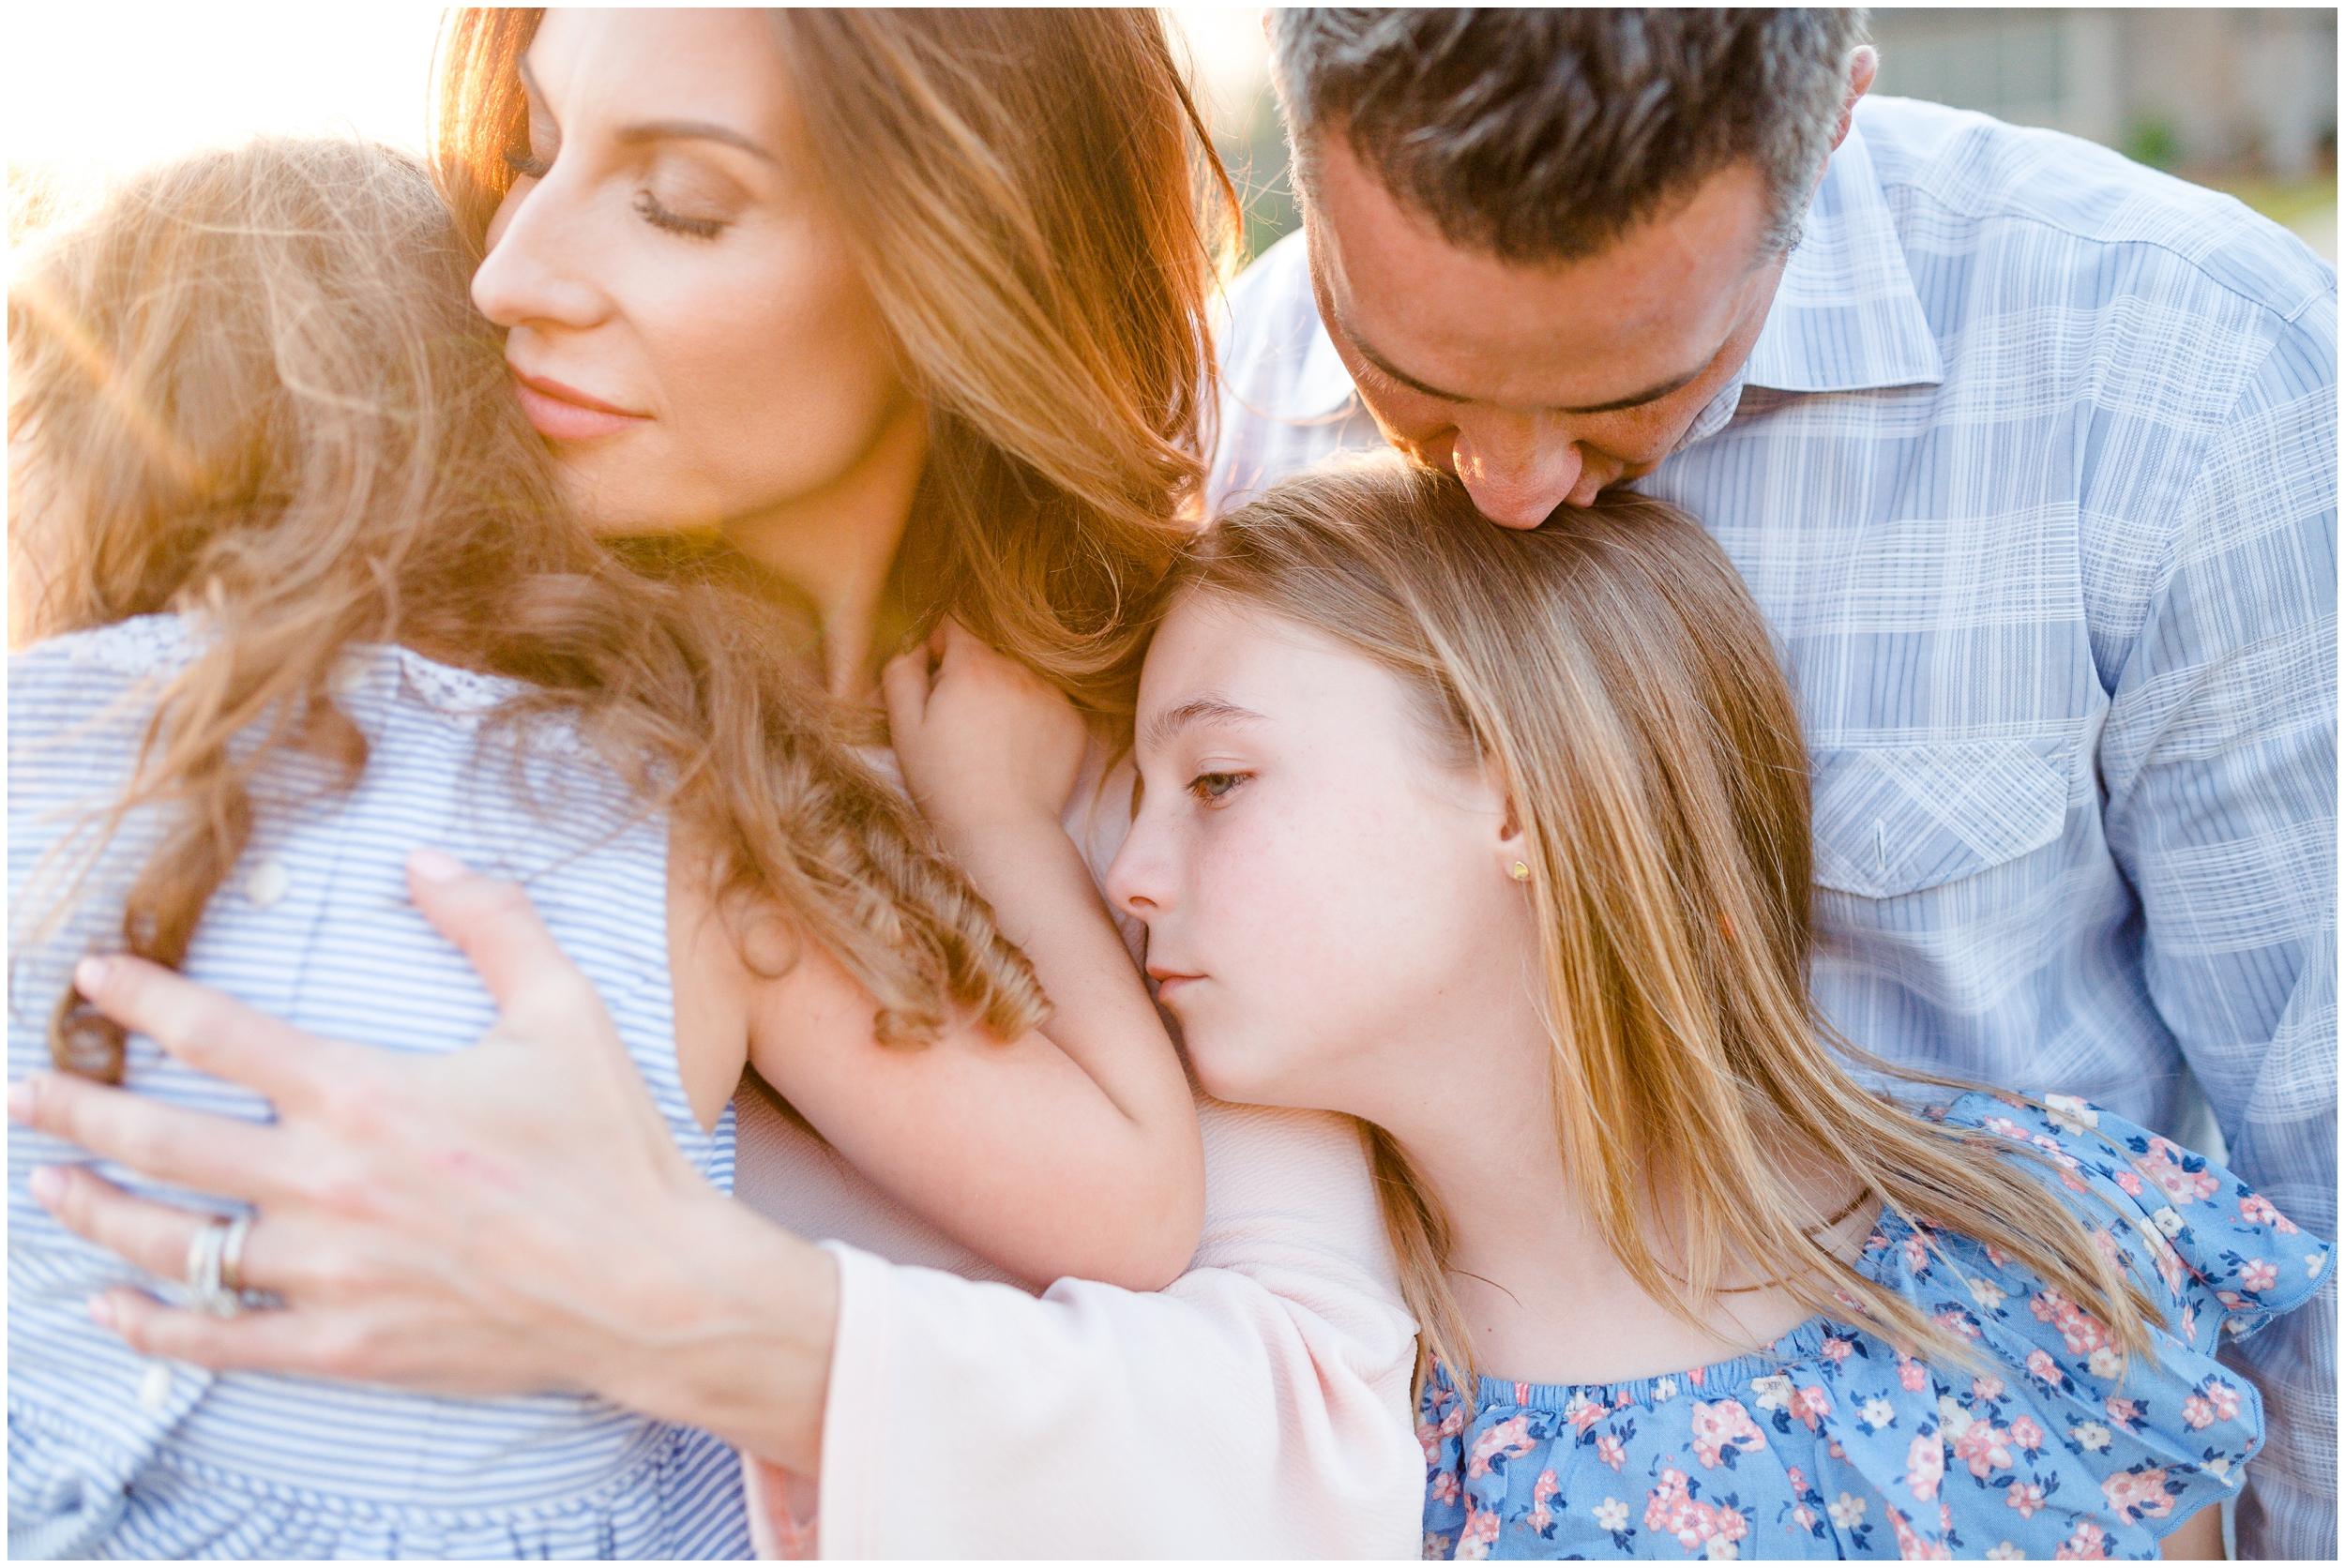 lexington-ky-family-lifestyle-photography-Priscilla-Baierlein-Photography_0276.jpg